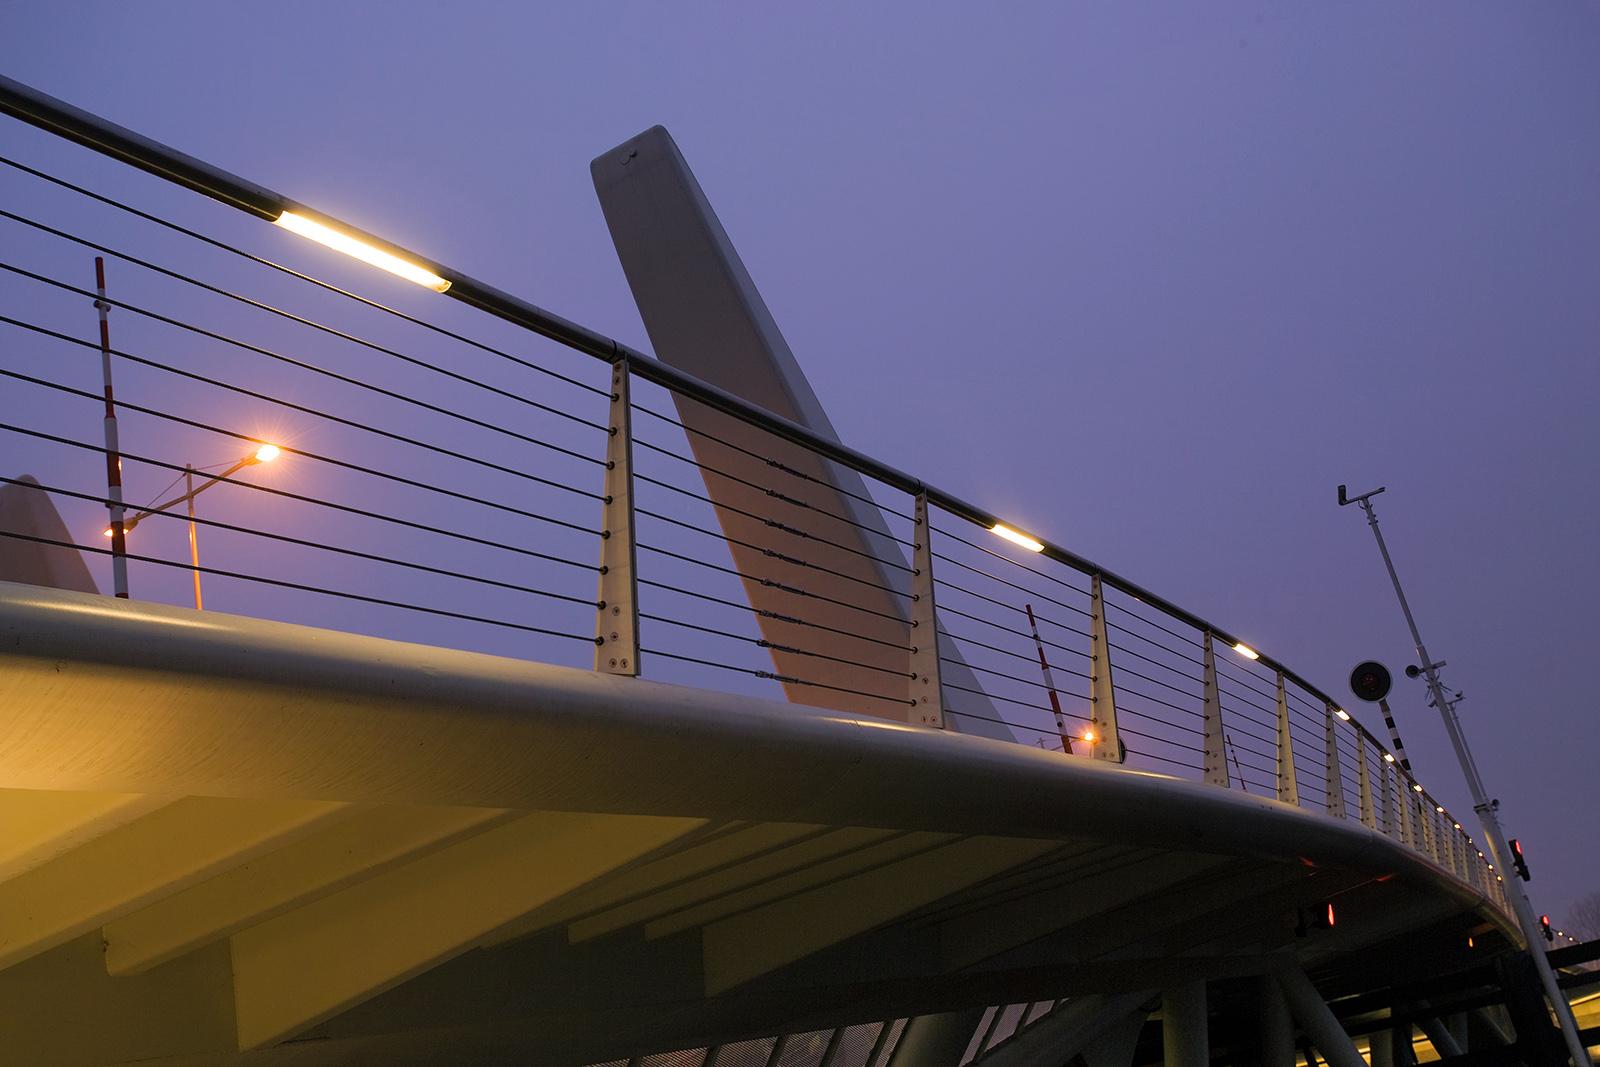 http://www.lighthousepro.nl/wordpress/wp-content/uploads/2012/10/Auralight1.jpg